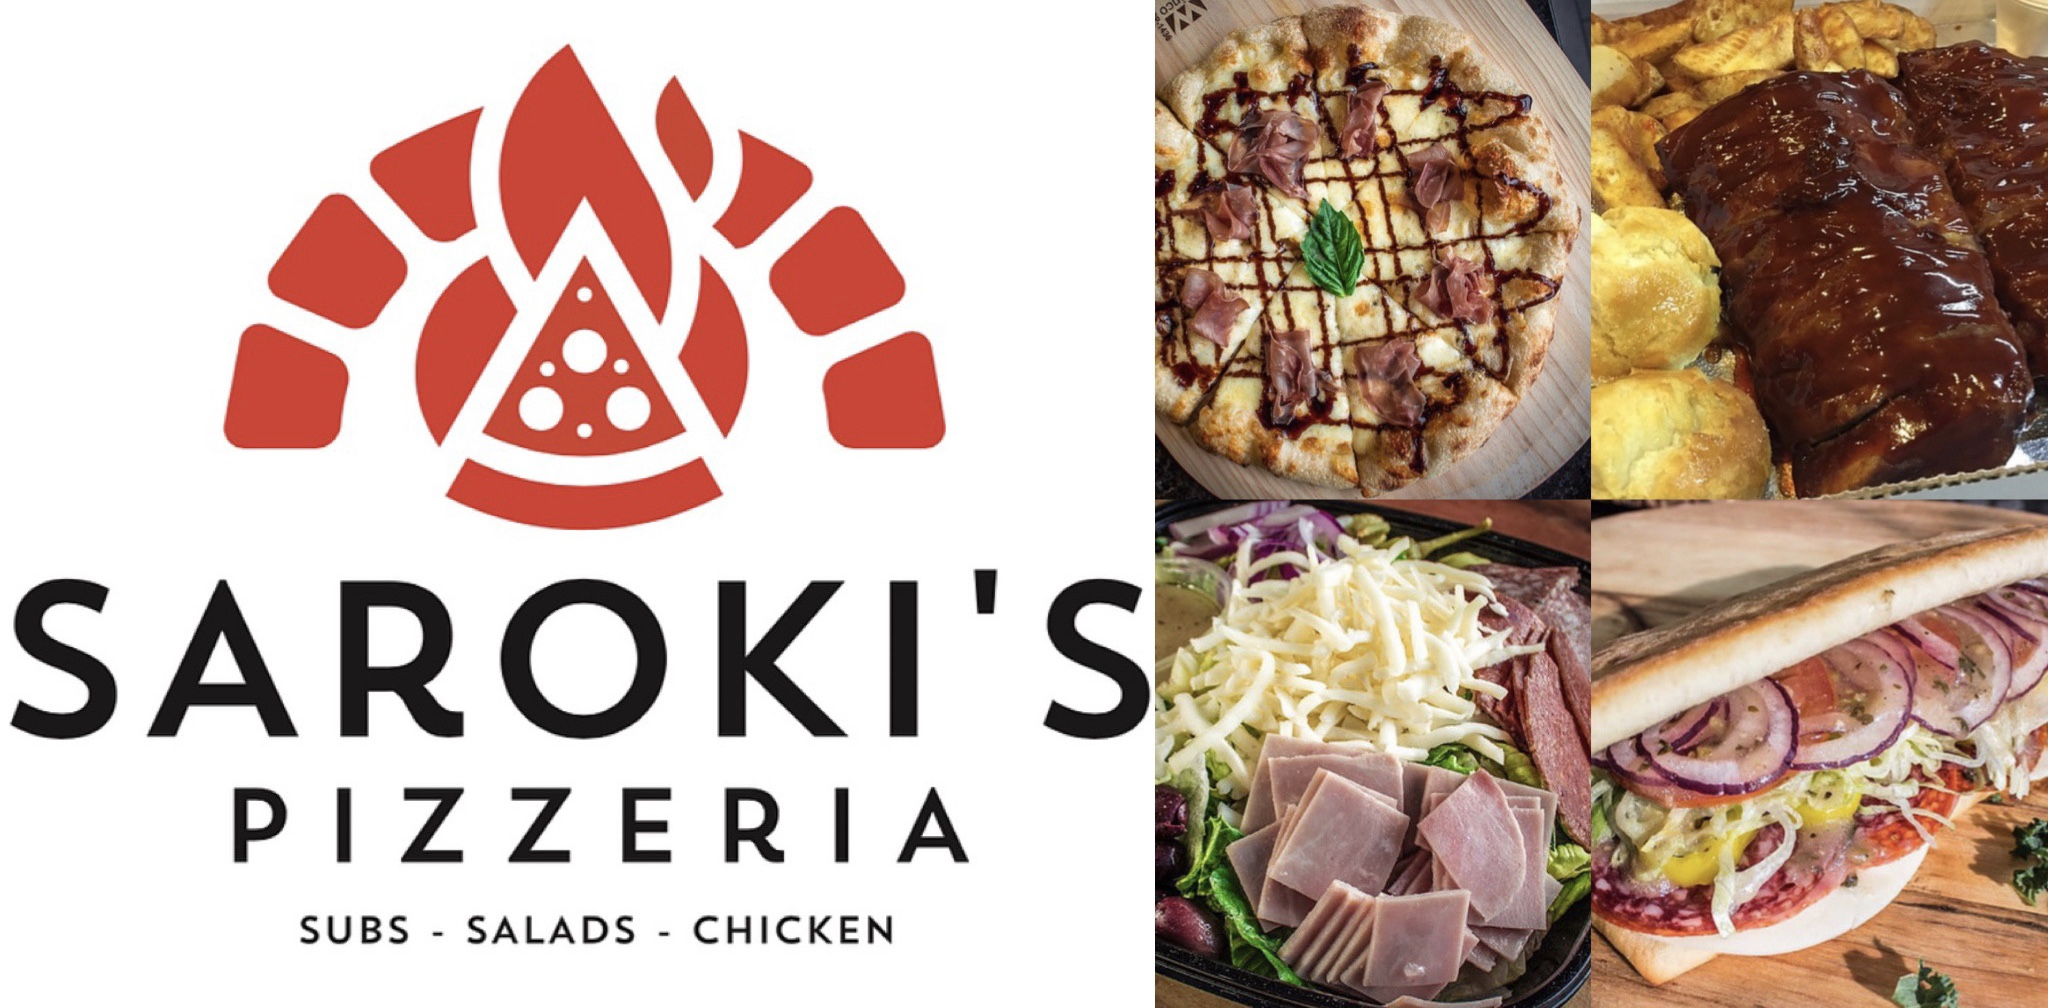 Saroki's Pizzeria